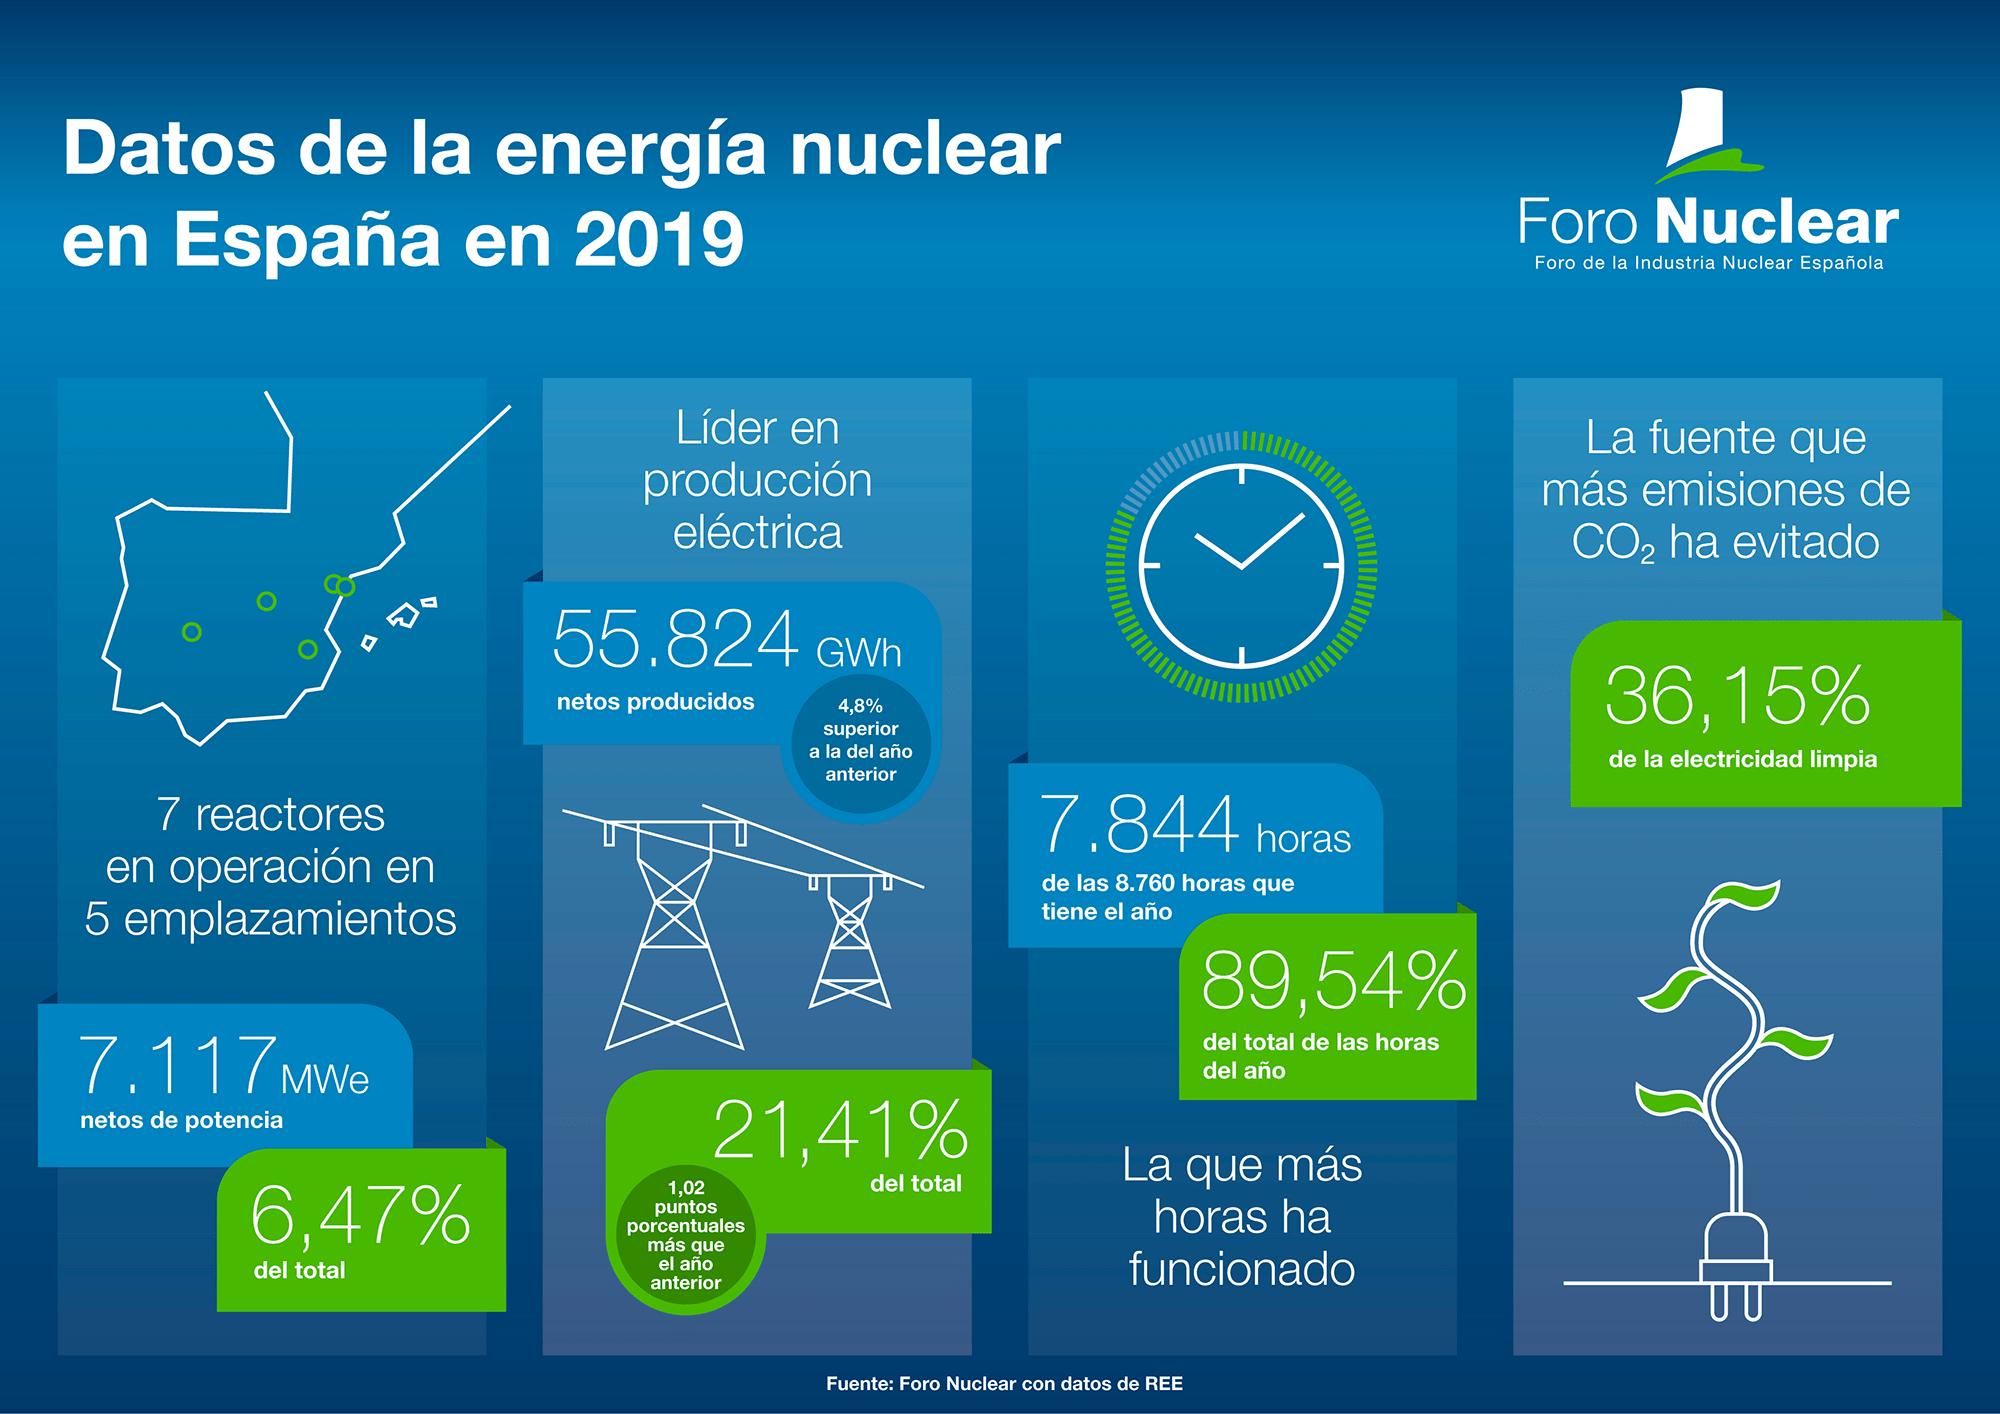 Datos de la energía nuclear en España en 2019